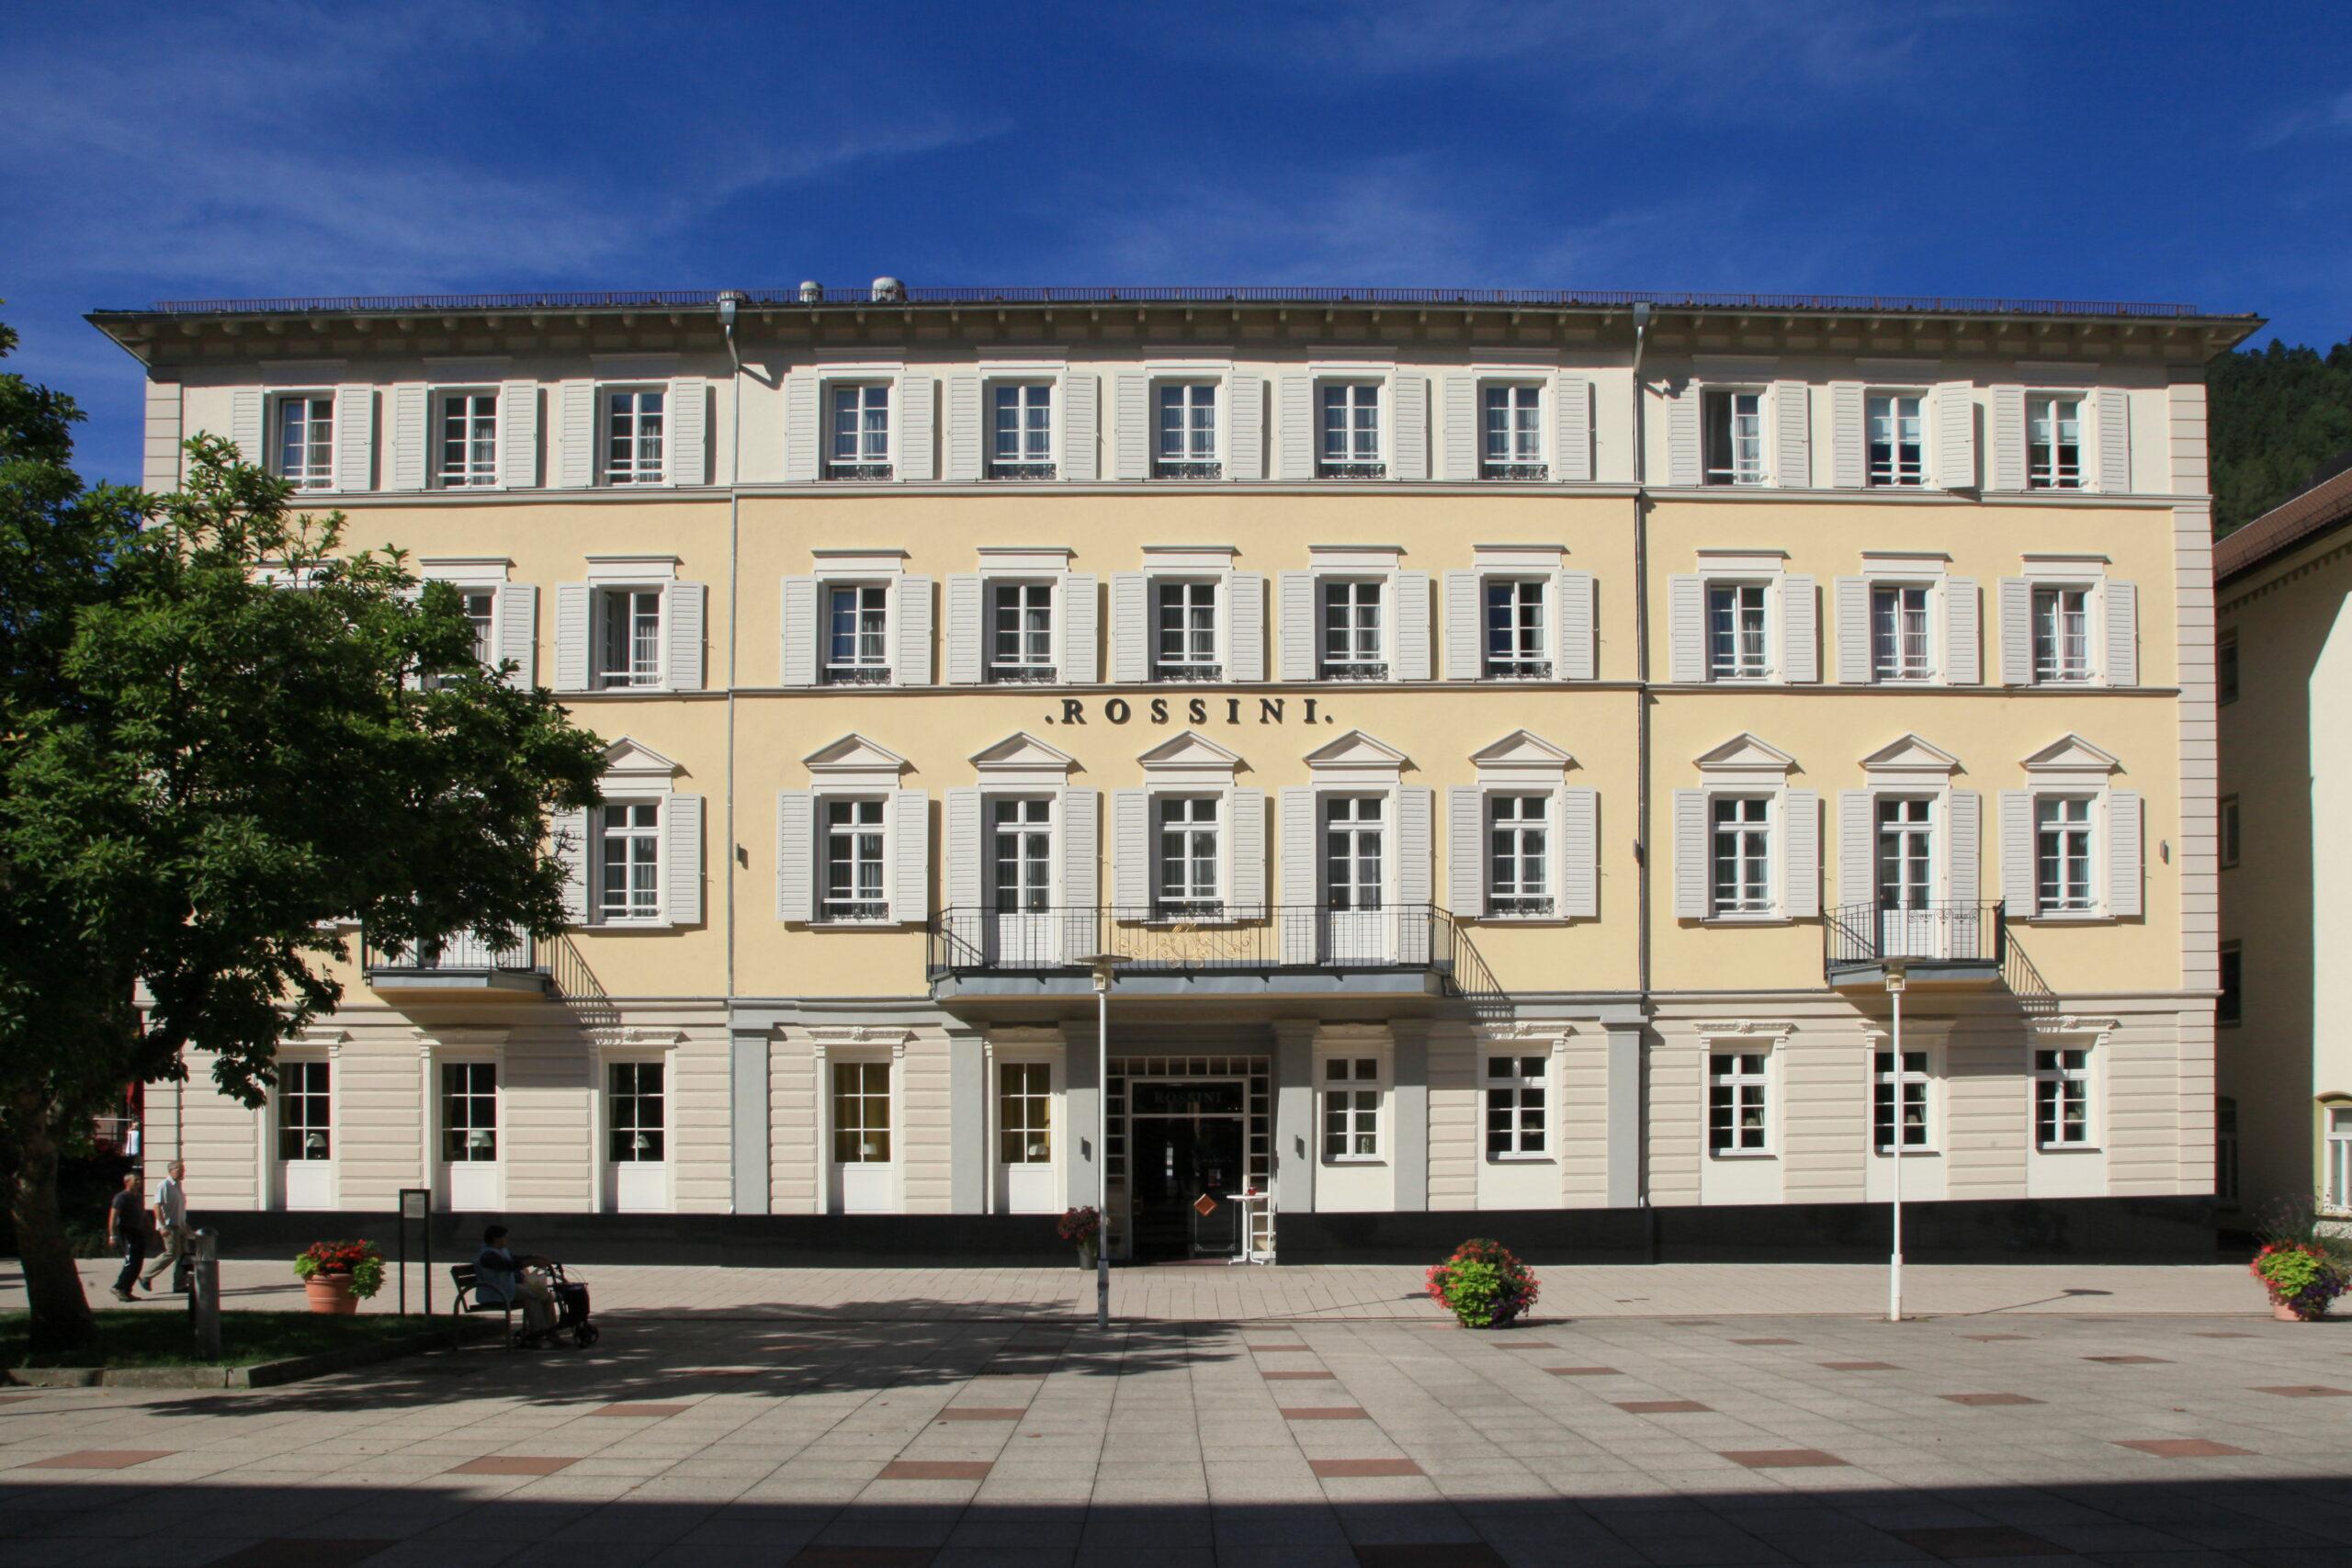 Full Size of Filebad Wildbad Kurplatz 4hotel Rossini 01 Iesjpg Bad Füssing Jagdhof Hotel Mergentheim Ferienwohnung Hindelang Bentheim Hotels Homburg Wandtattoos Bad Bad Wildbad Hotel